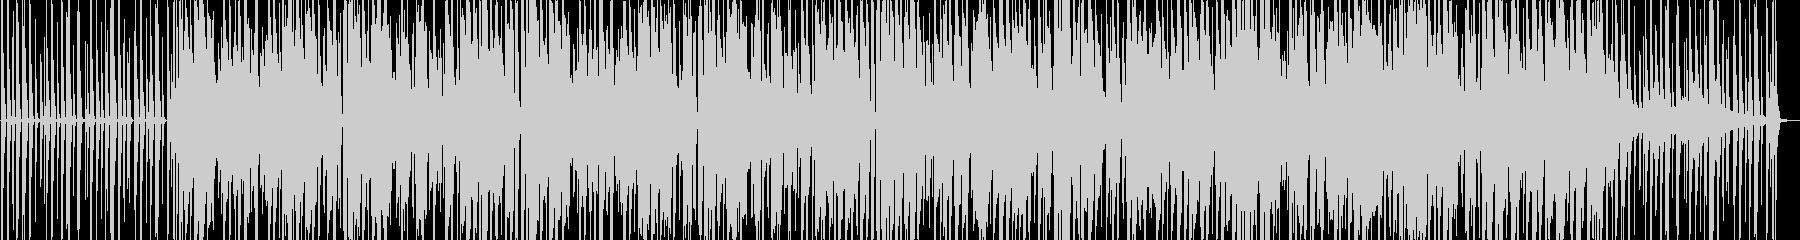 オーガニックなジャズヒップホップの未再生の波形